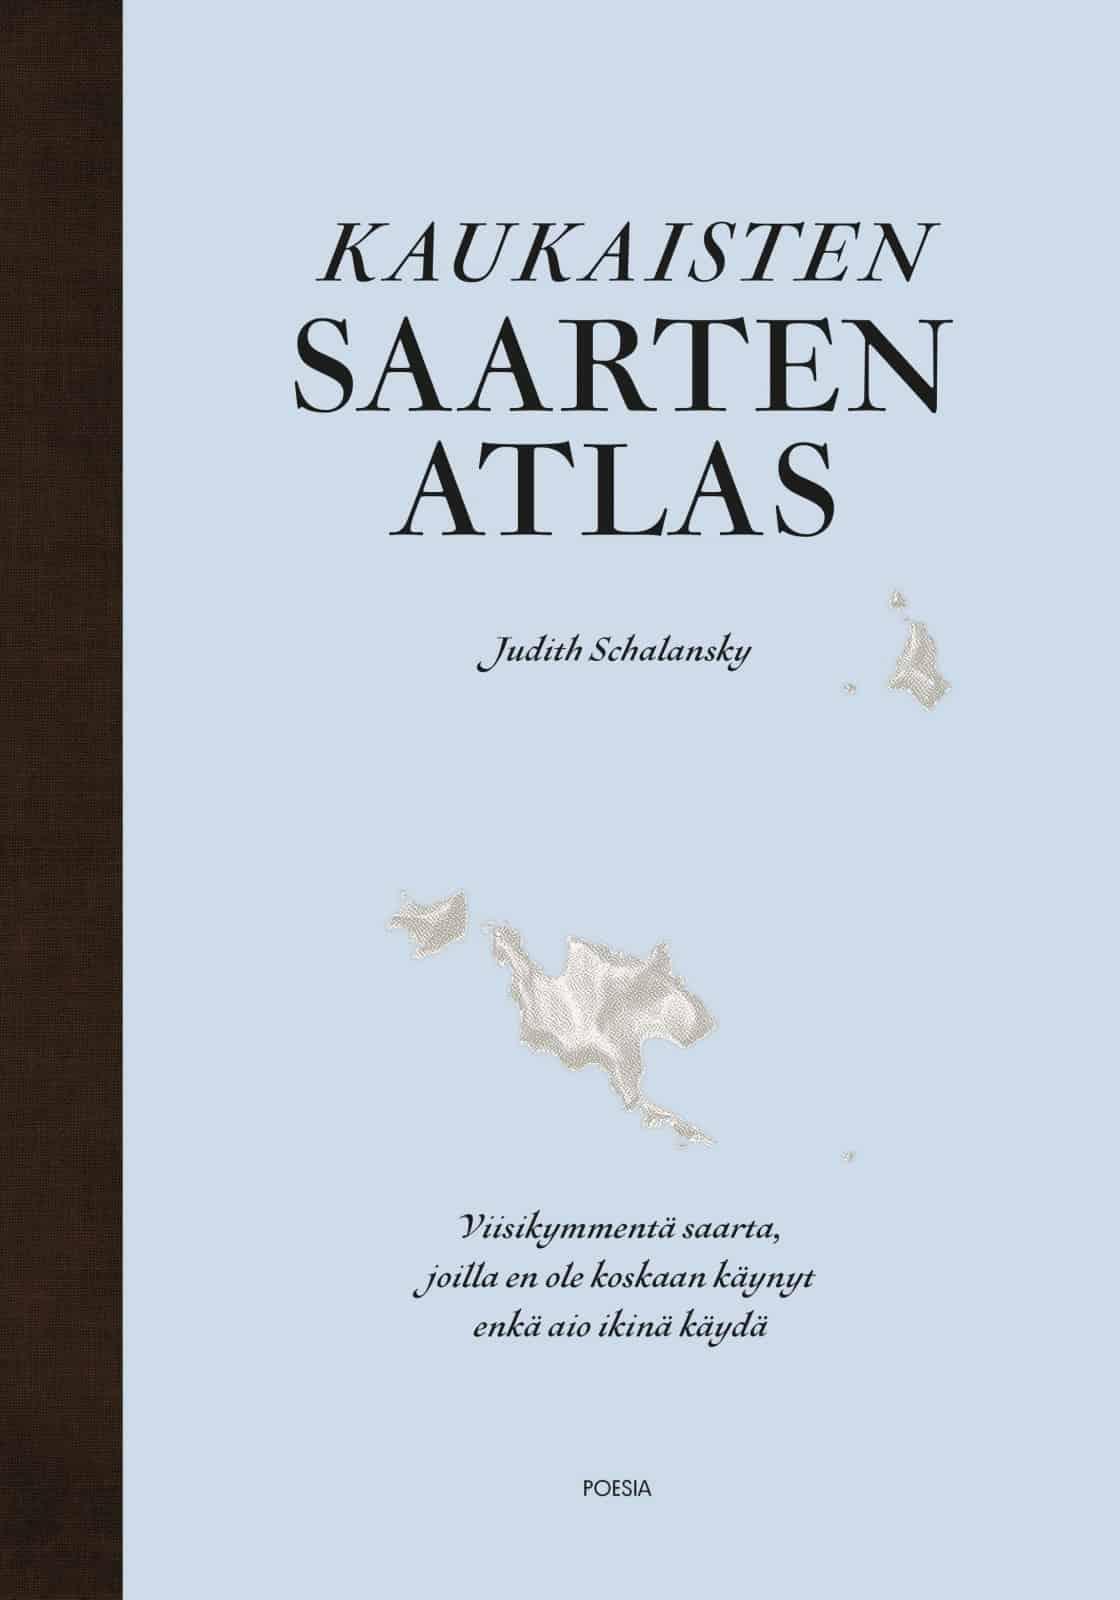 Kaukaisten saarten atlas